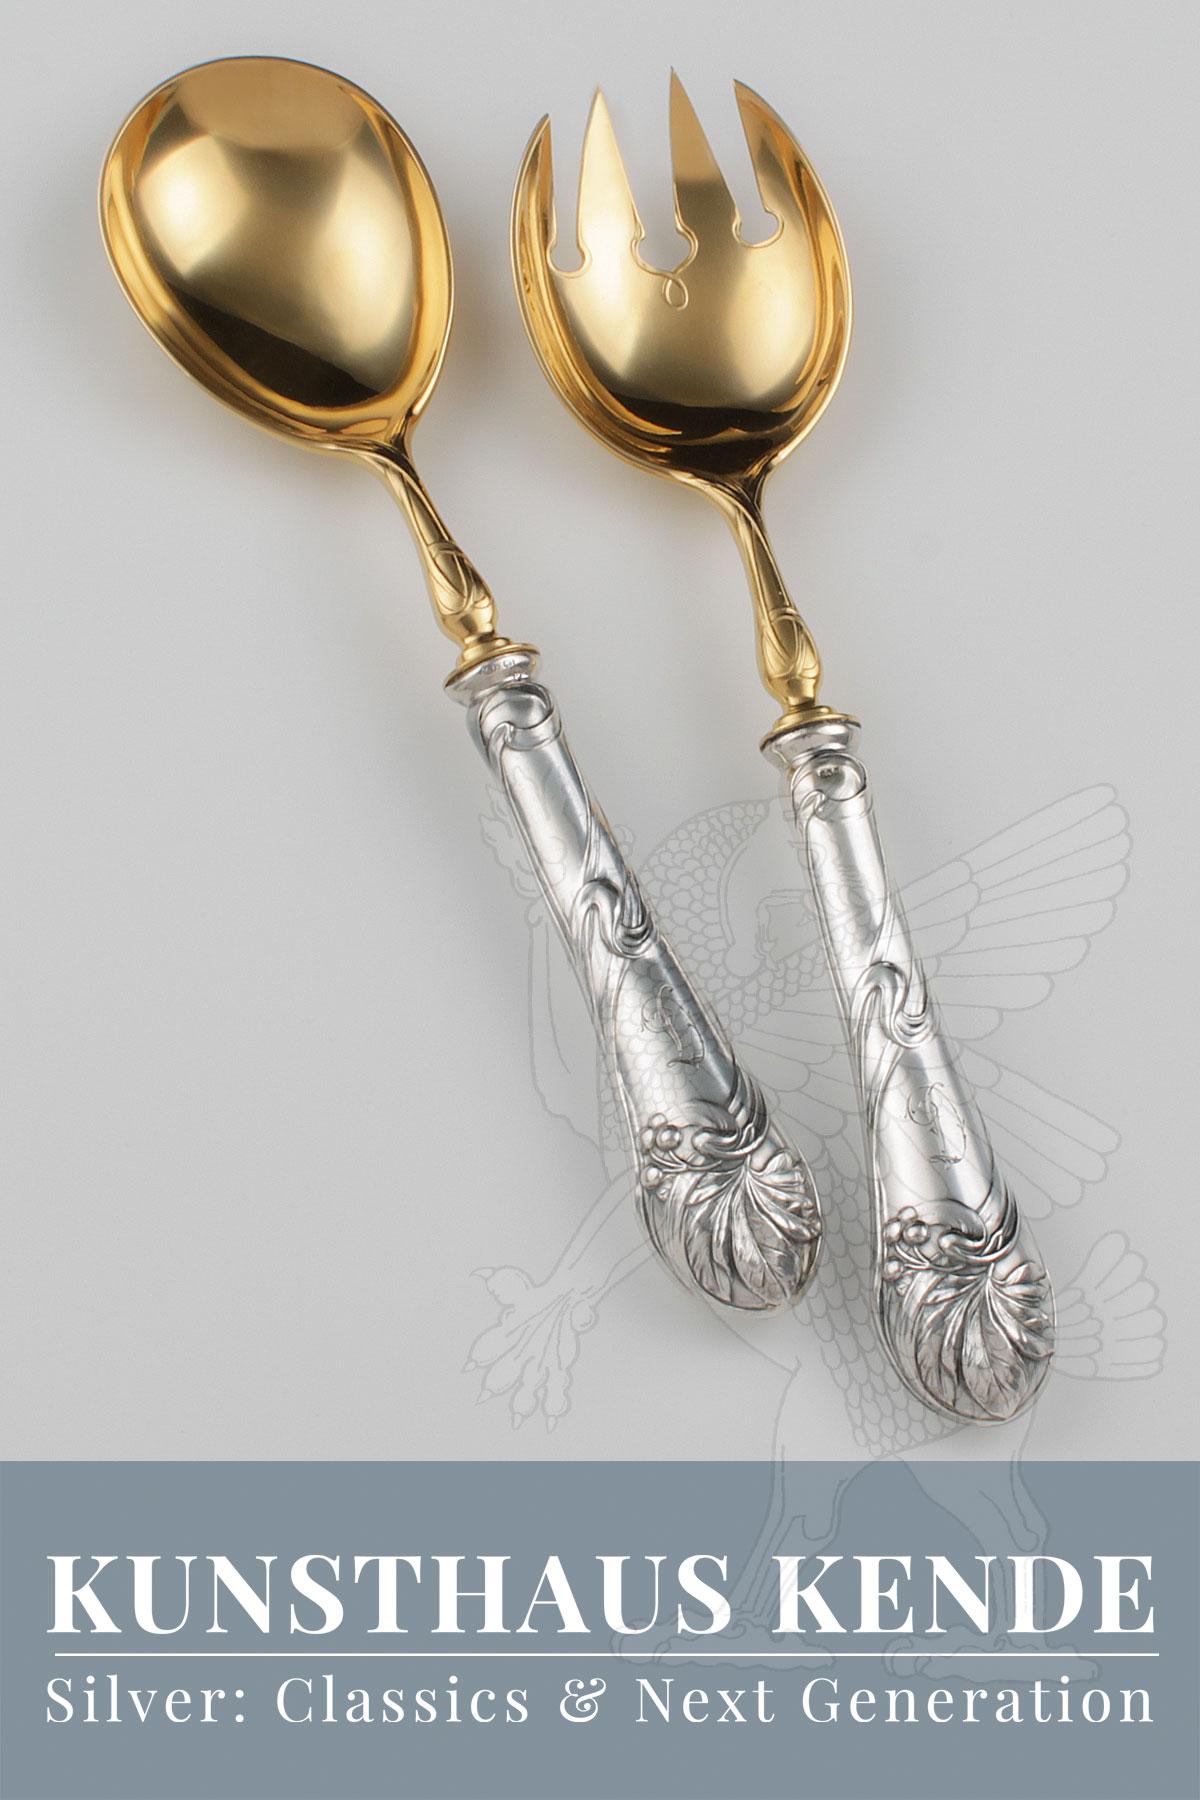 新艺术运动 银 古董 刀具 布鲁克曼父子公司沙拉架 银餐具